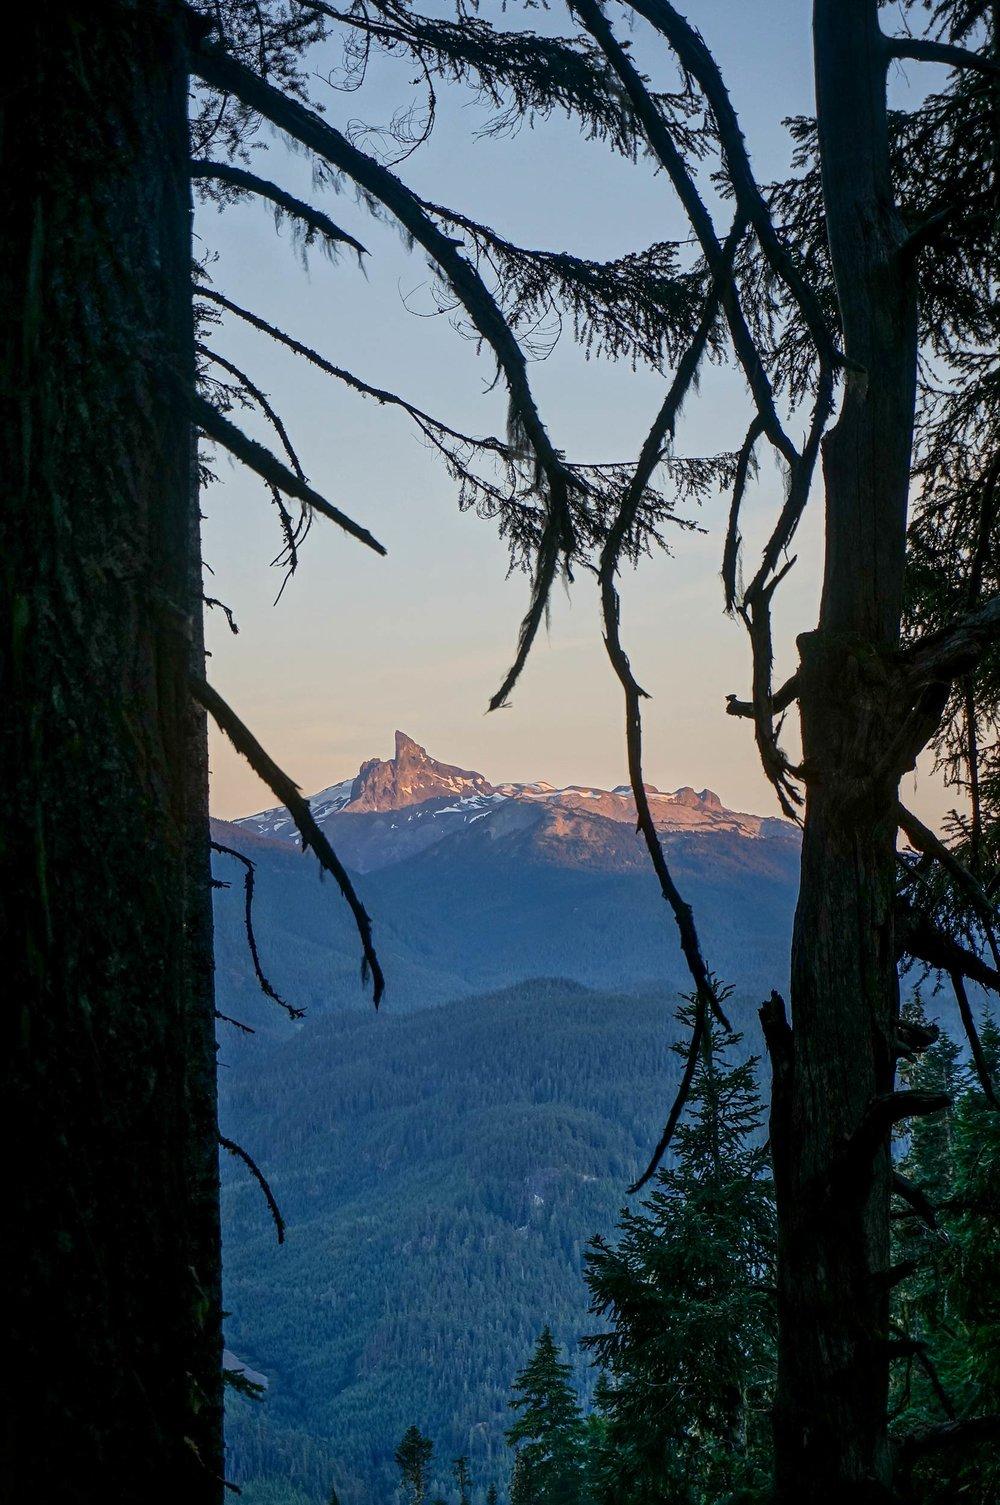 sproatt_alpine_trail_black_tusk_sunset2.jpg